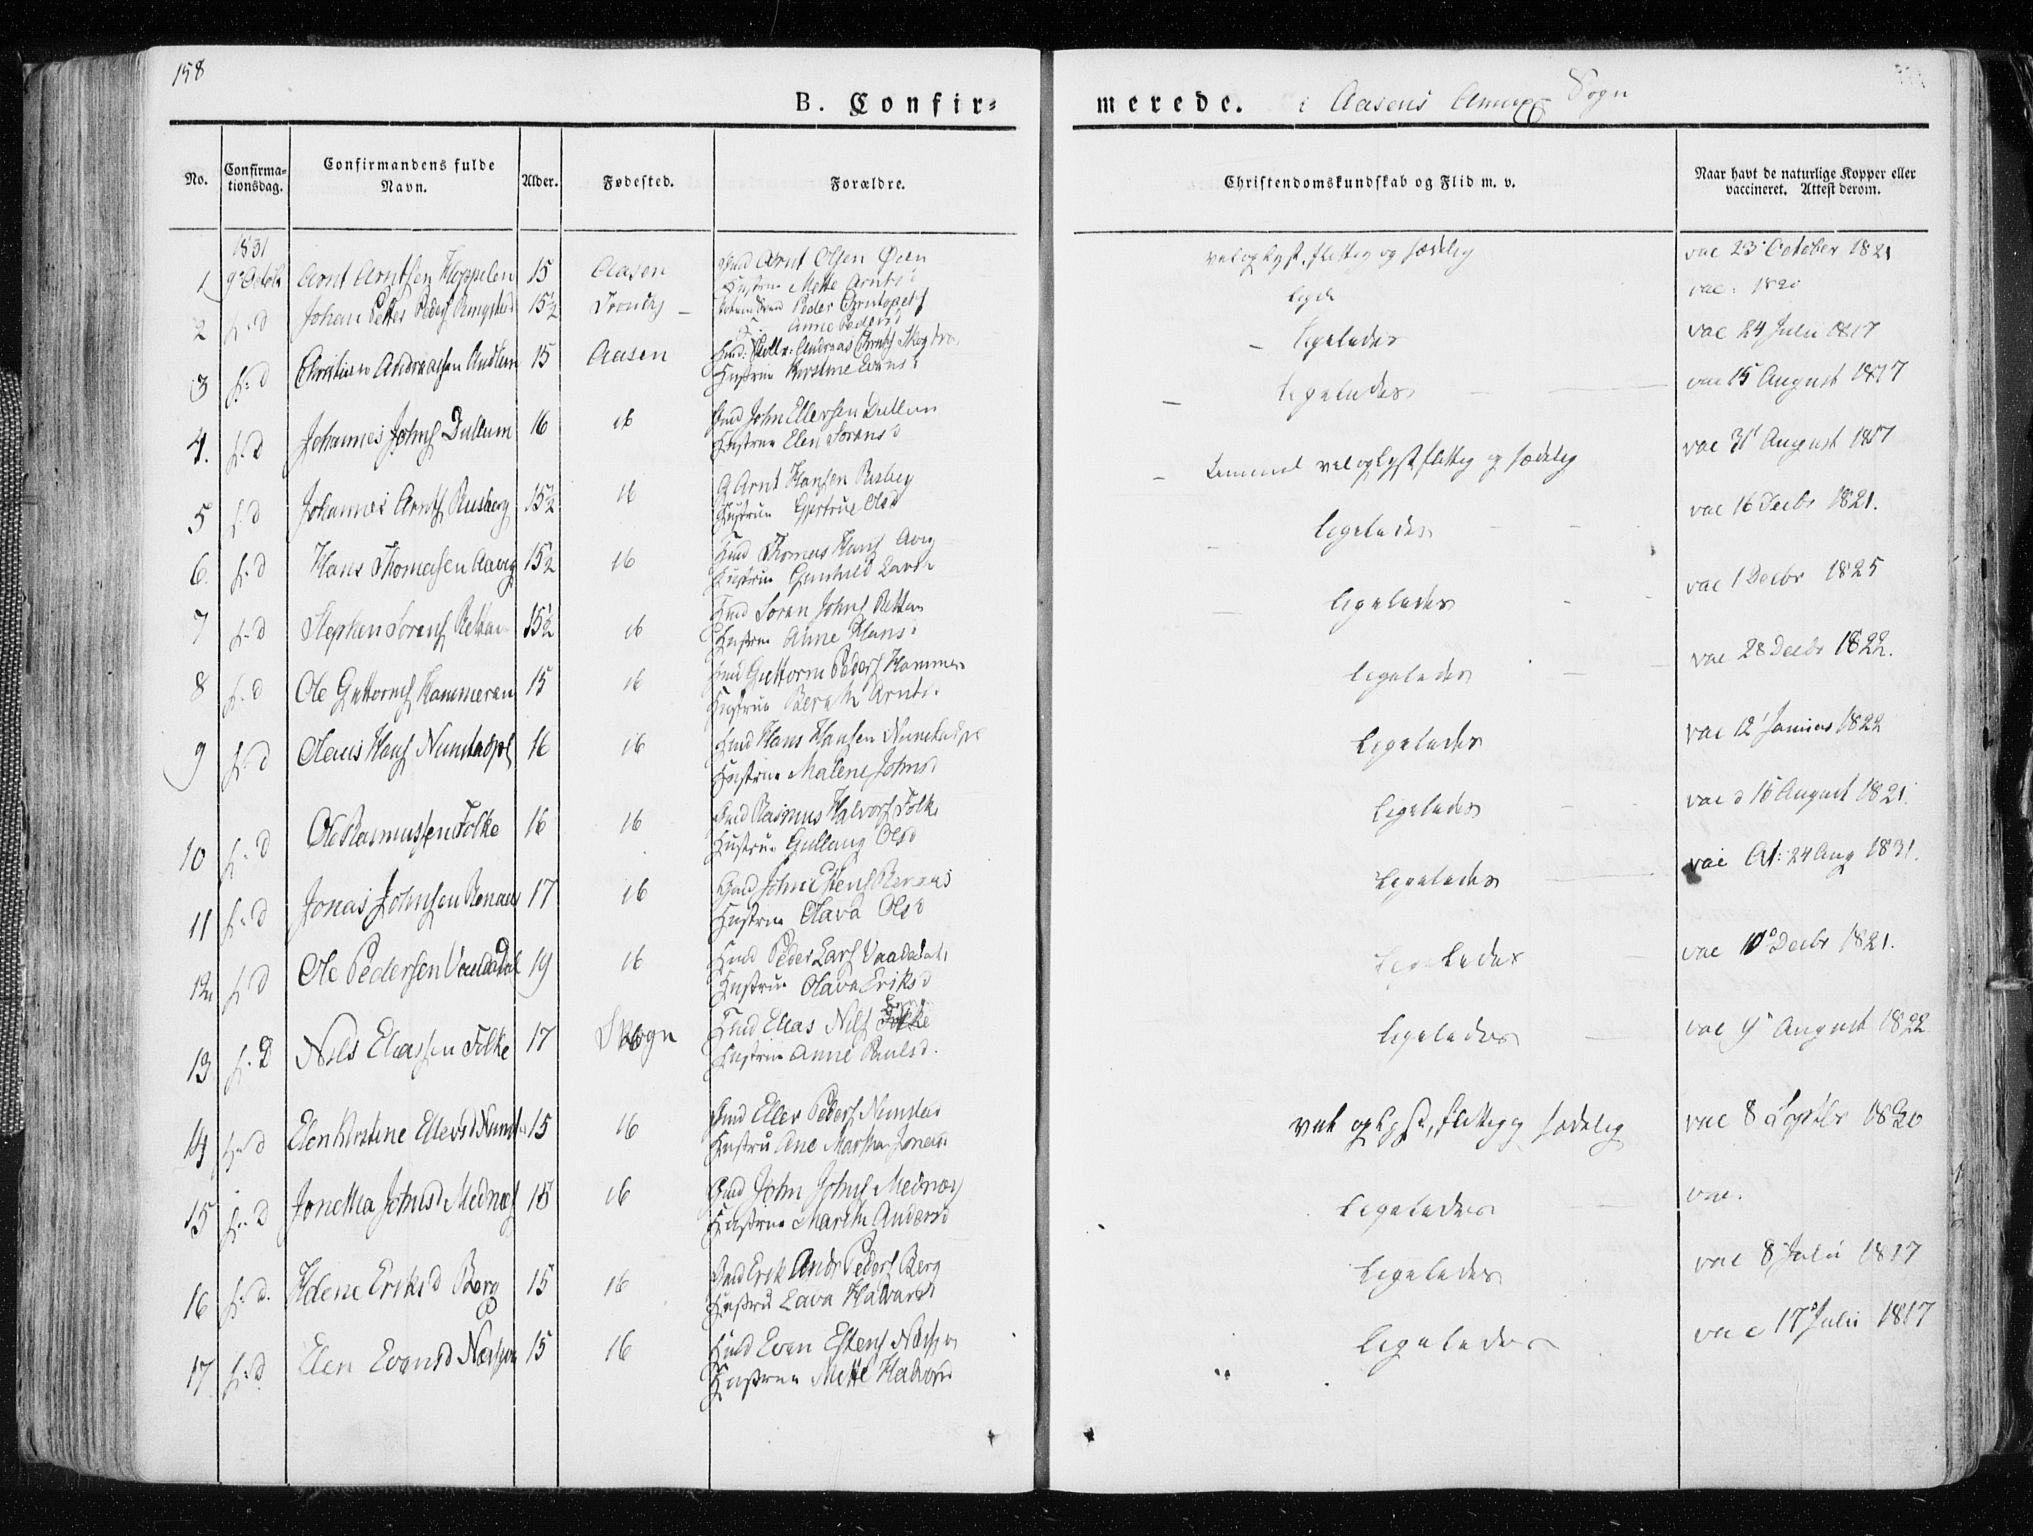 SAT, Ministerialprotokoller, klokkerbøker og fødselsregistre - Nord-Trøndelag, 713/L0114: Ministerialbok nr. 713A05, 1827-1839, s. 158